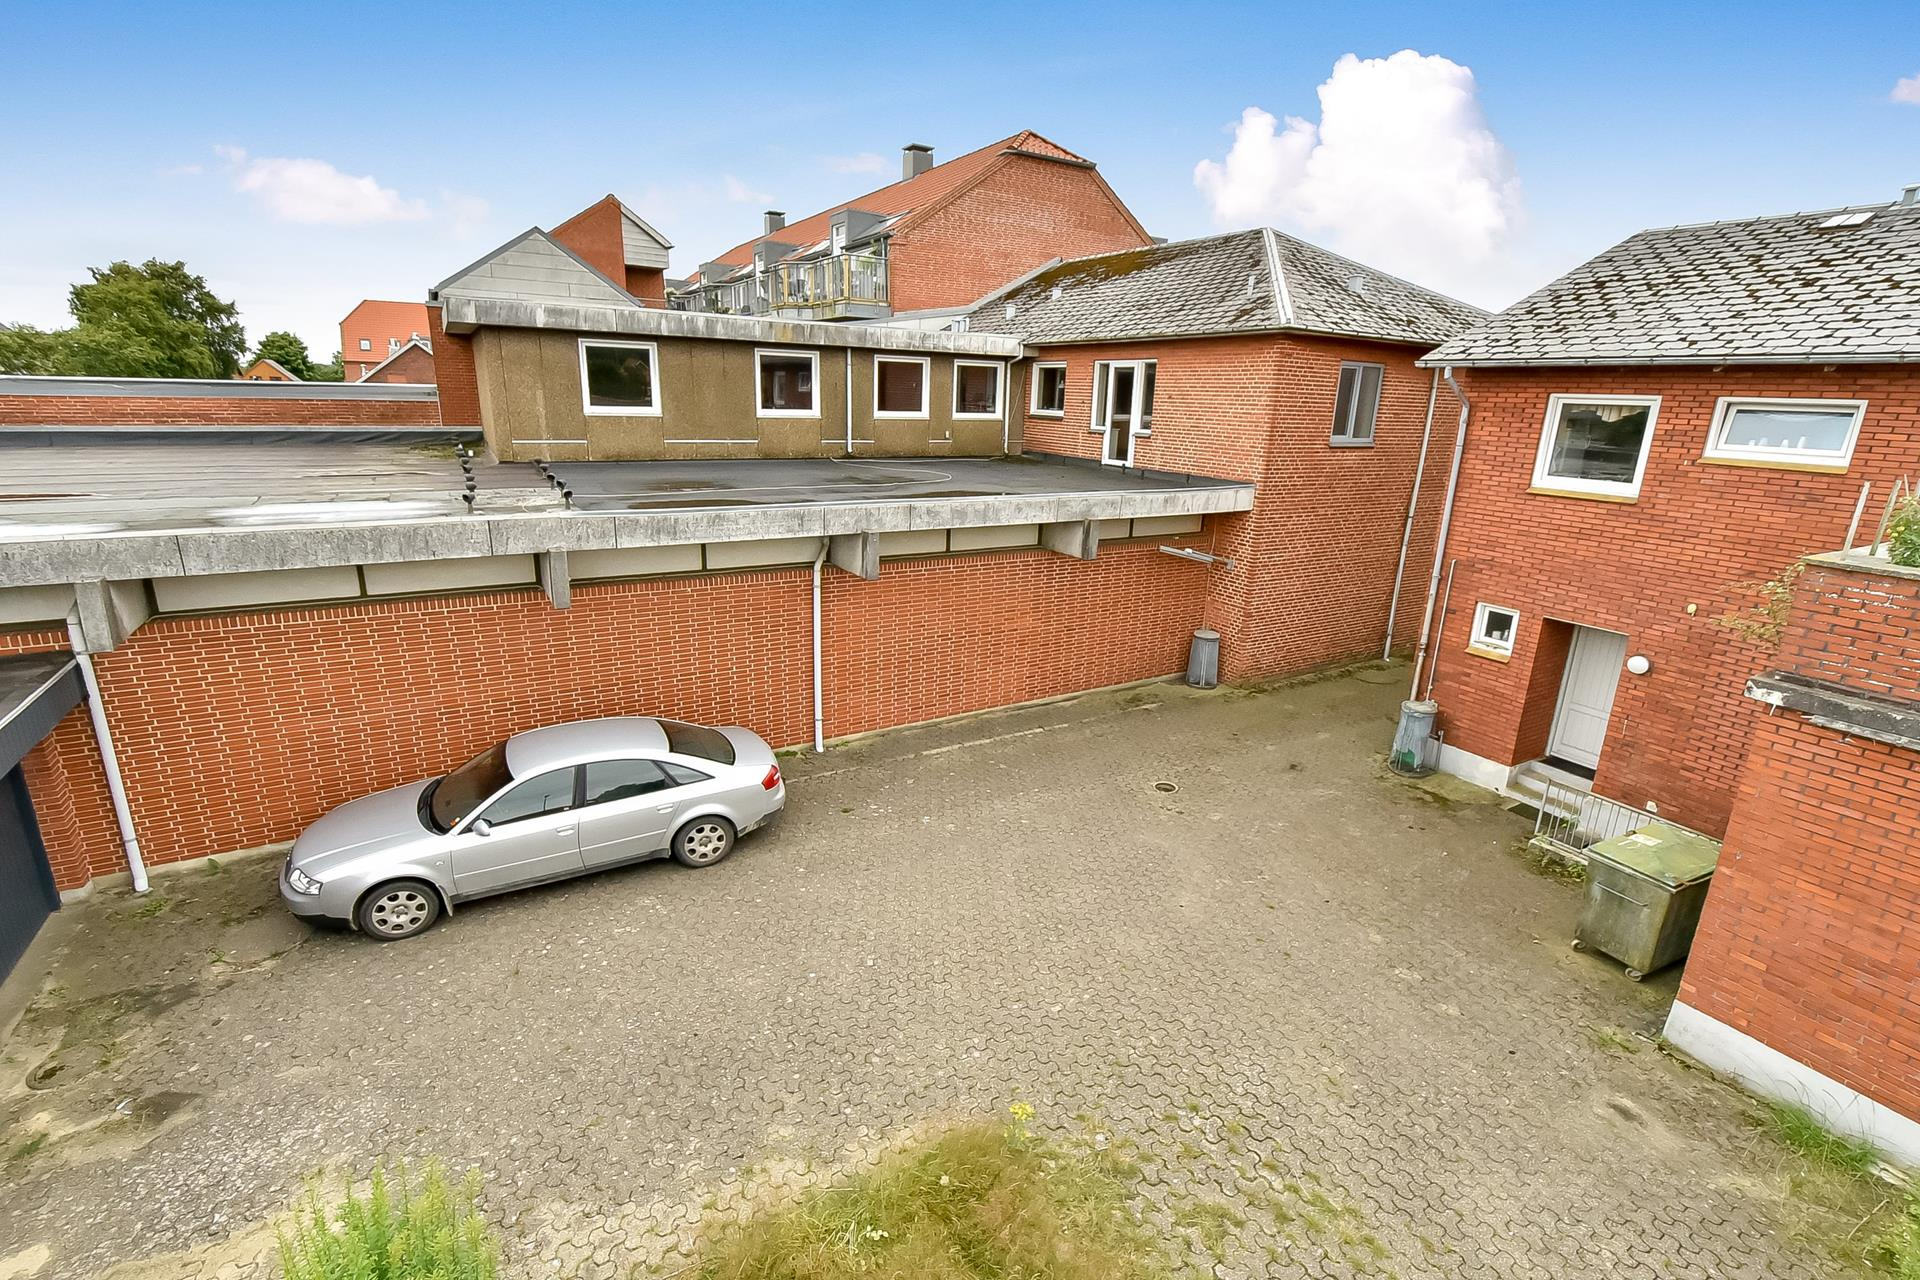 Boligudlejning på Bredgade i Videbæk - Parkeringsforhold